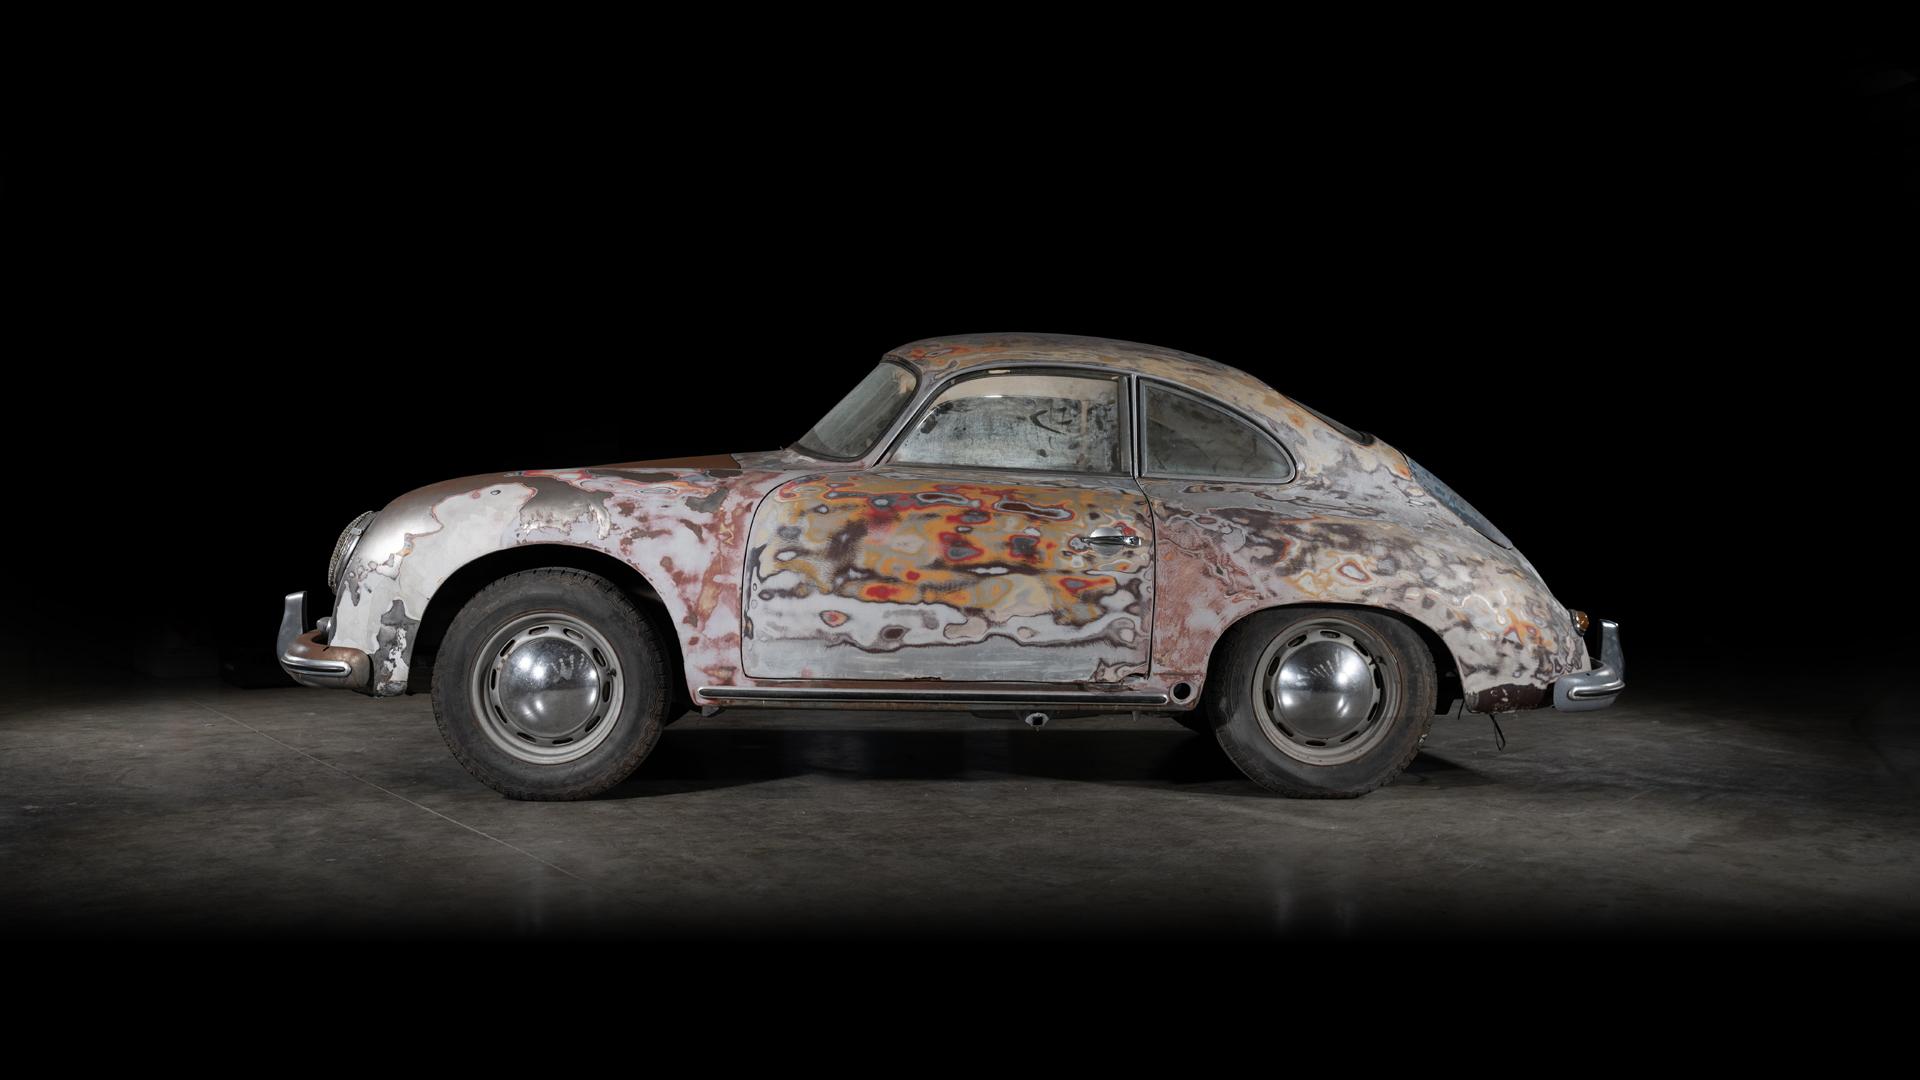 1959 Porsche 356A patina special